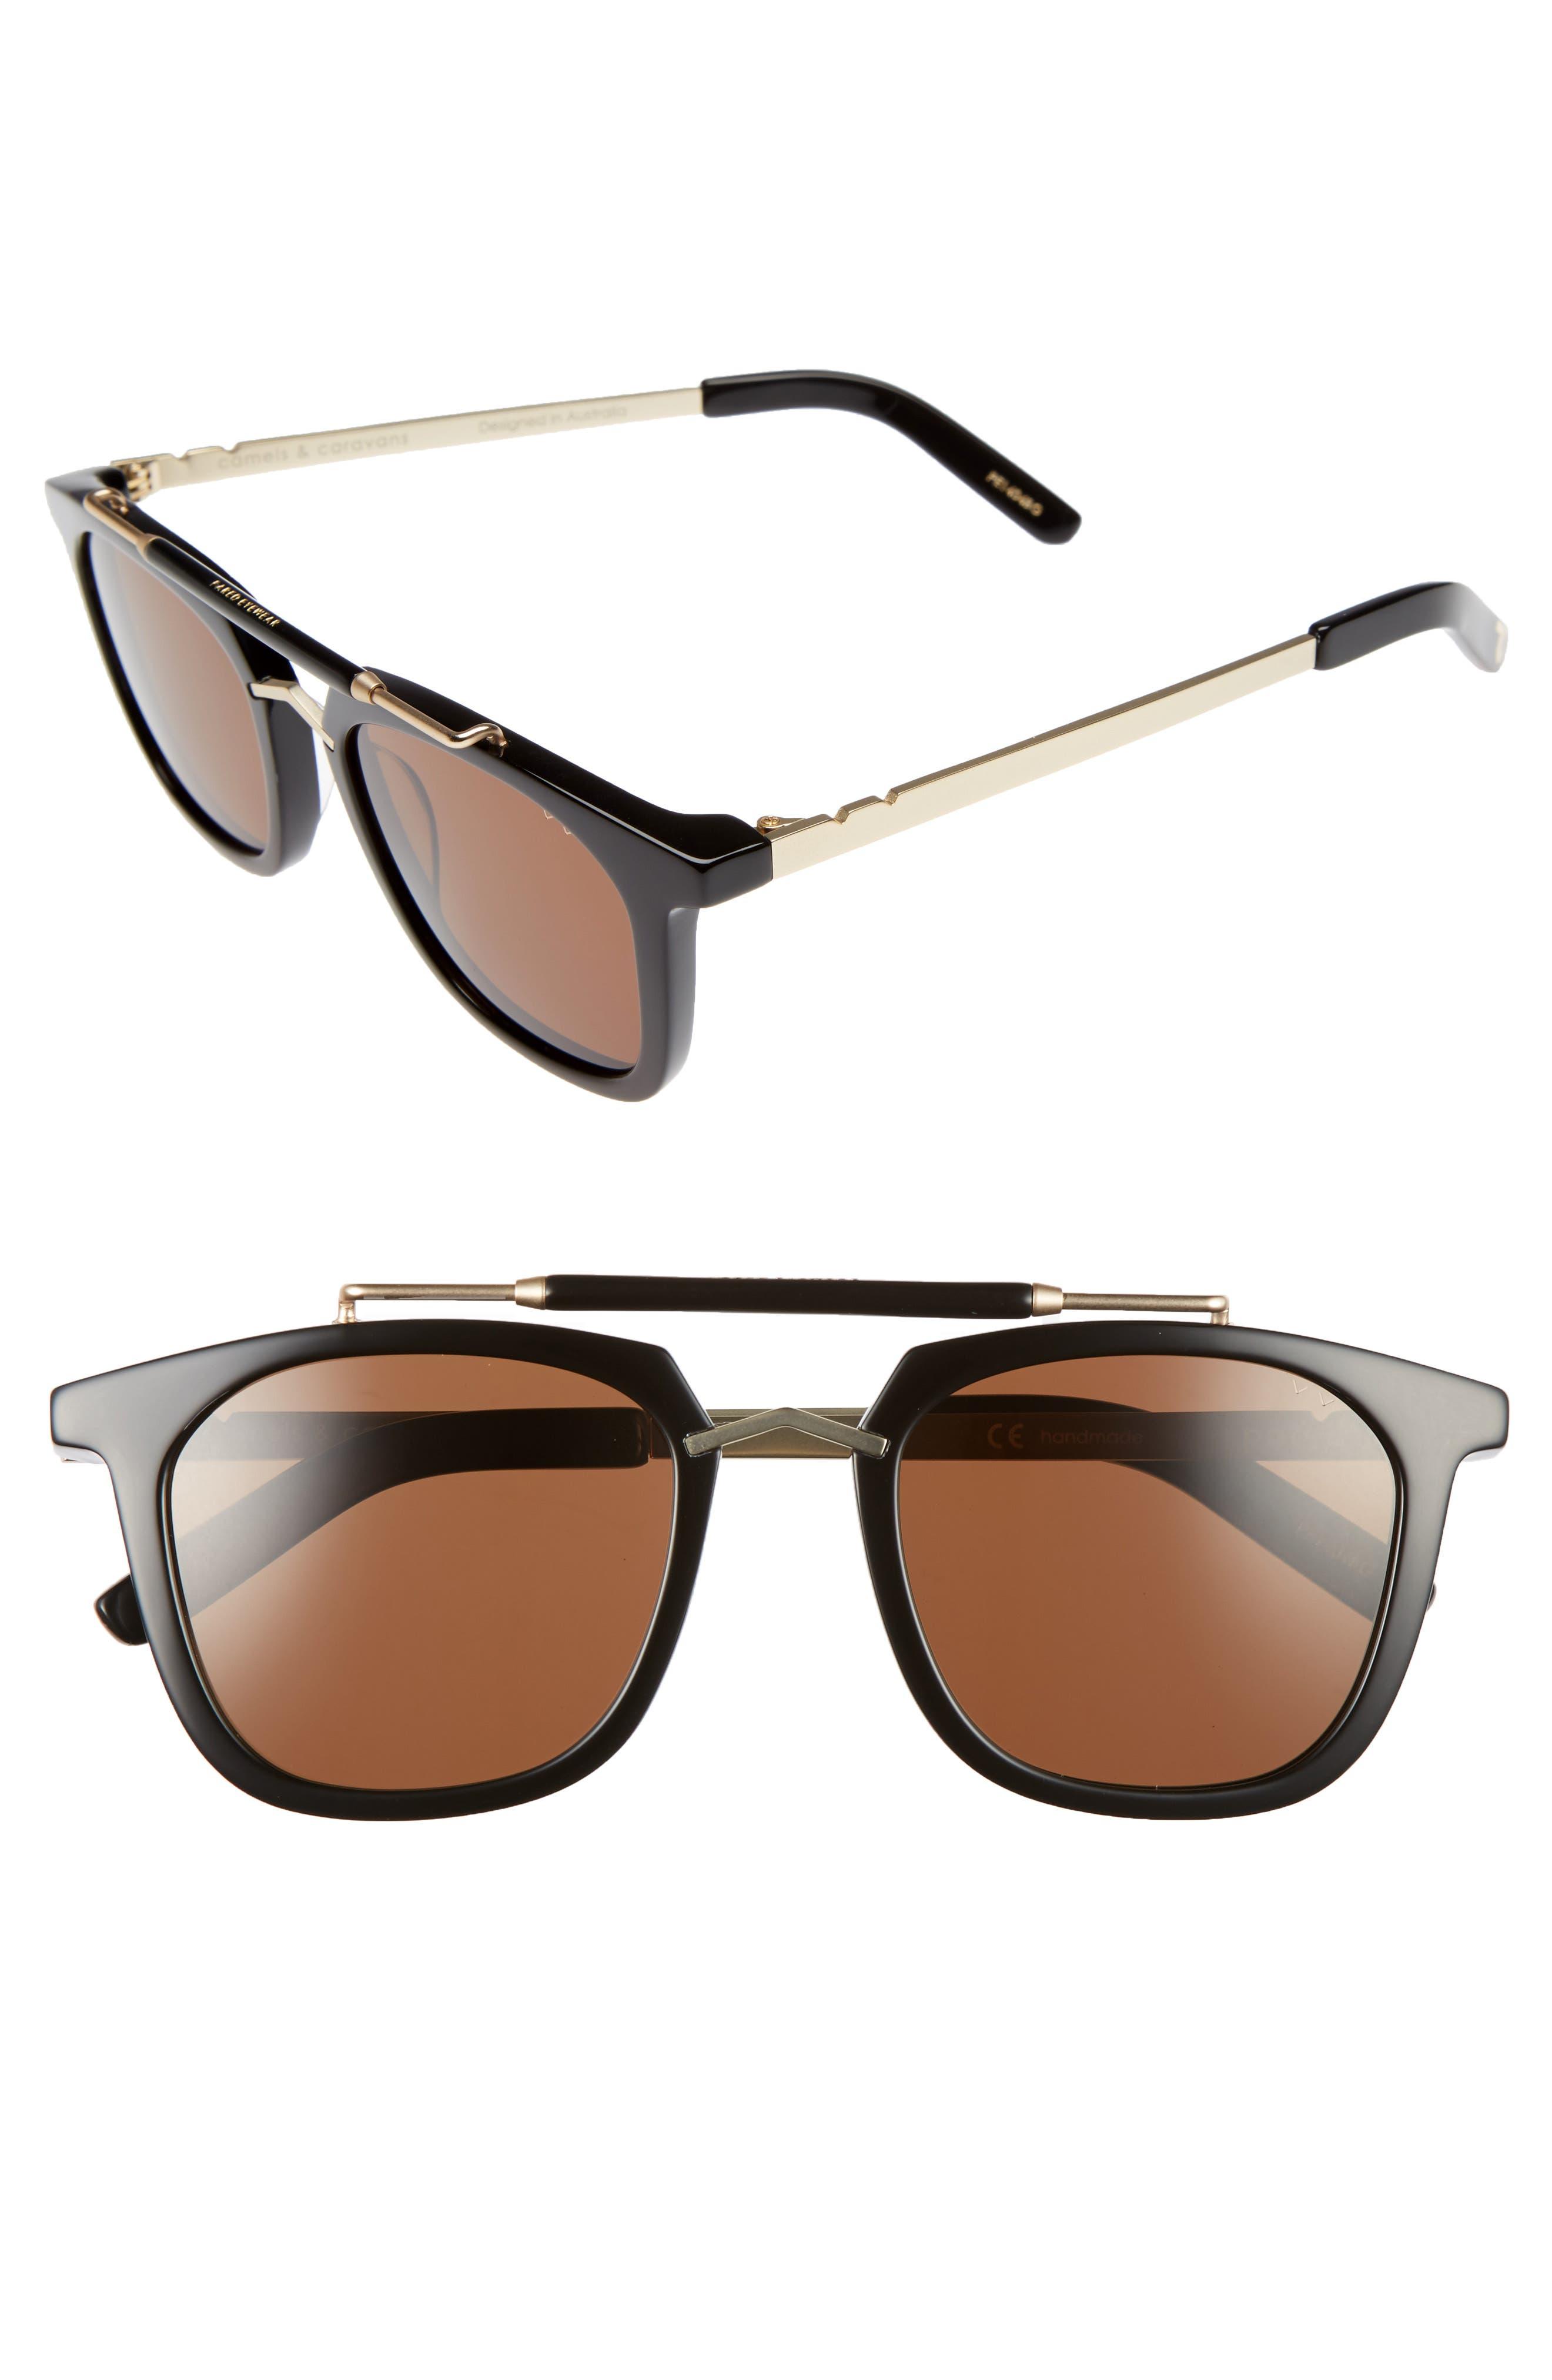 Camels & Caravans 50mm Retro Sunglasses,                         Main,                         color, 001